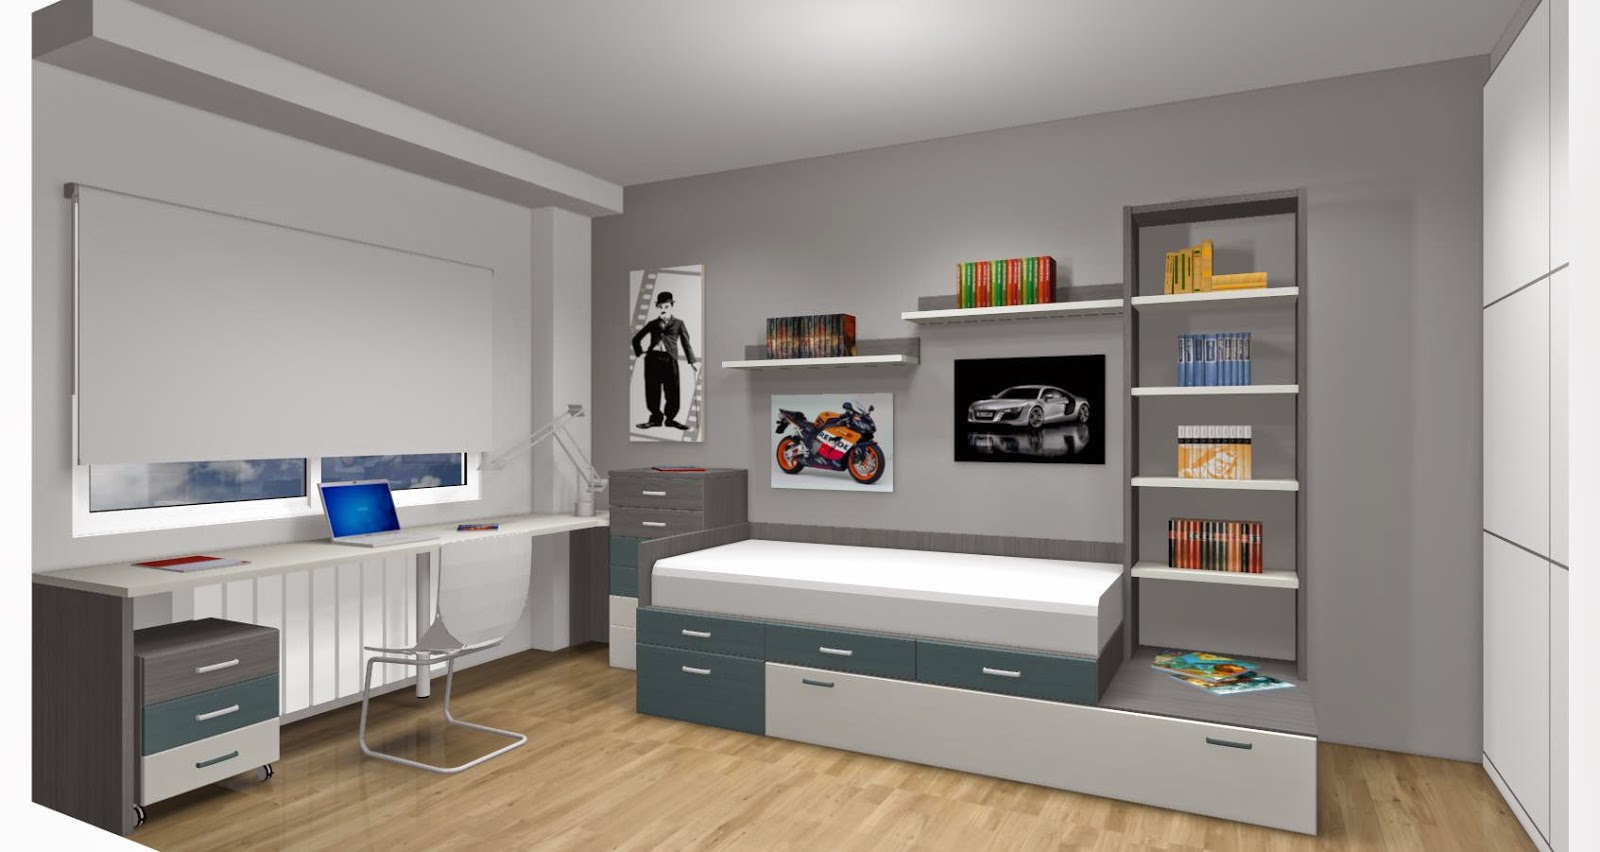 4 consejos antes de comprar dormitorios juveniles - El mueble habitaciones juveniles ...